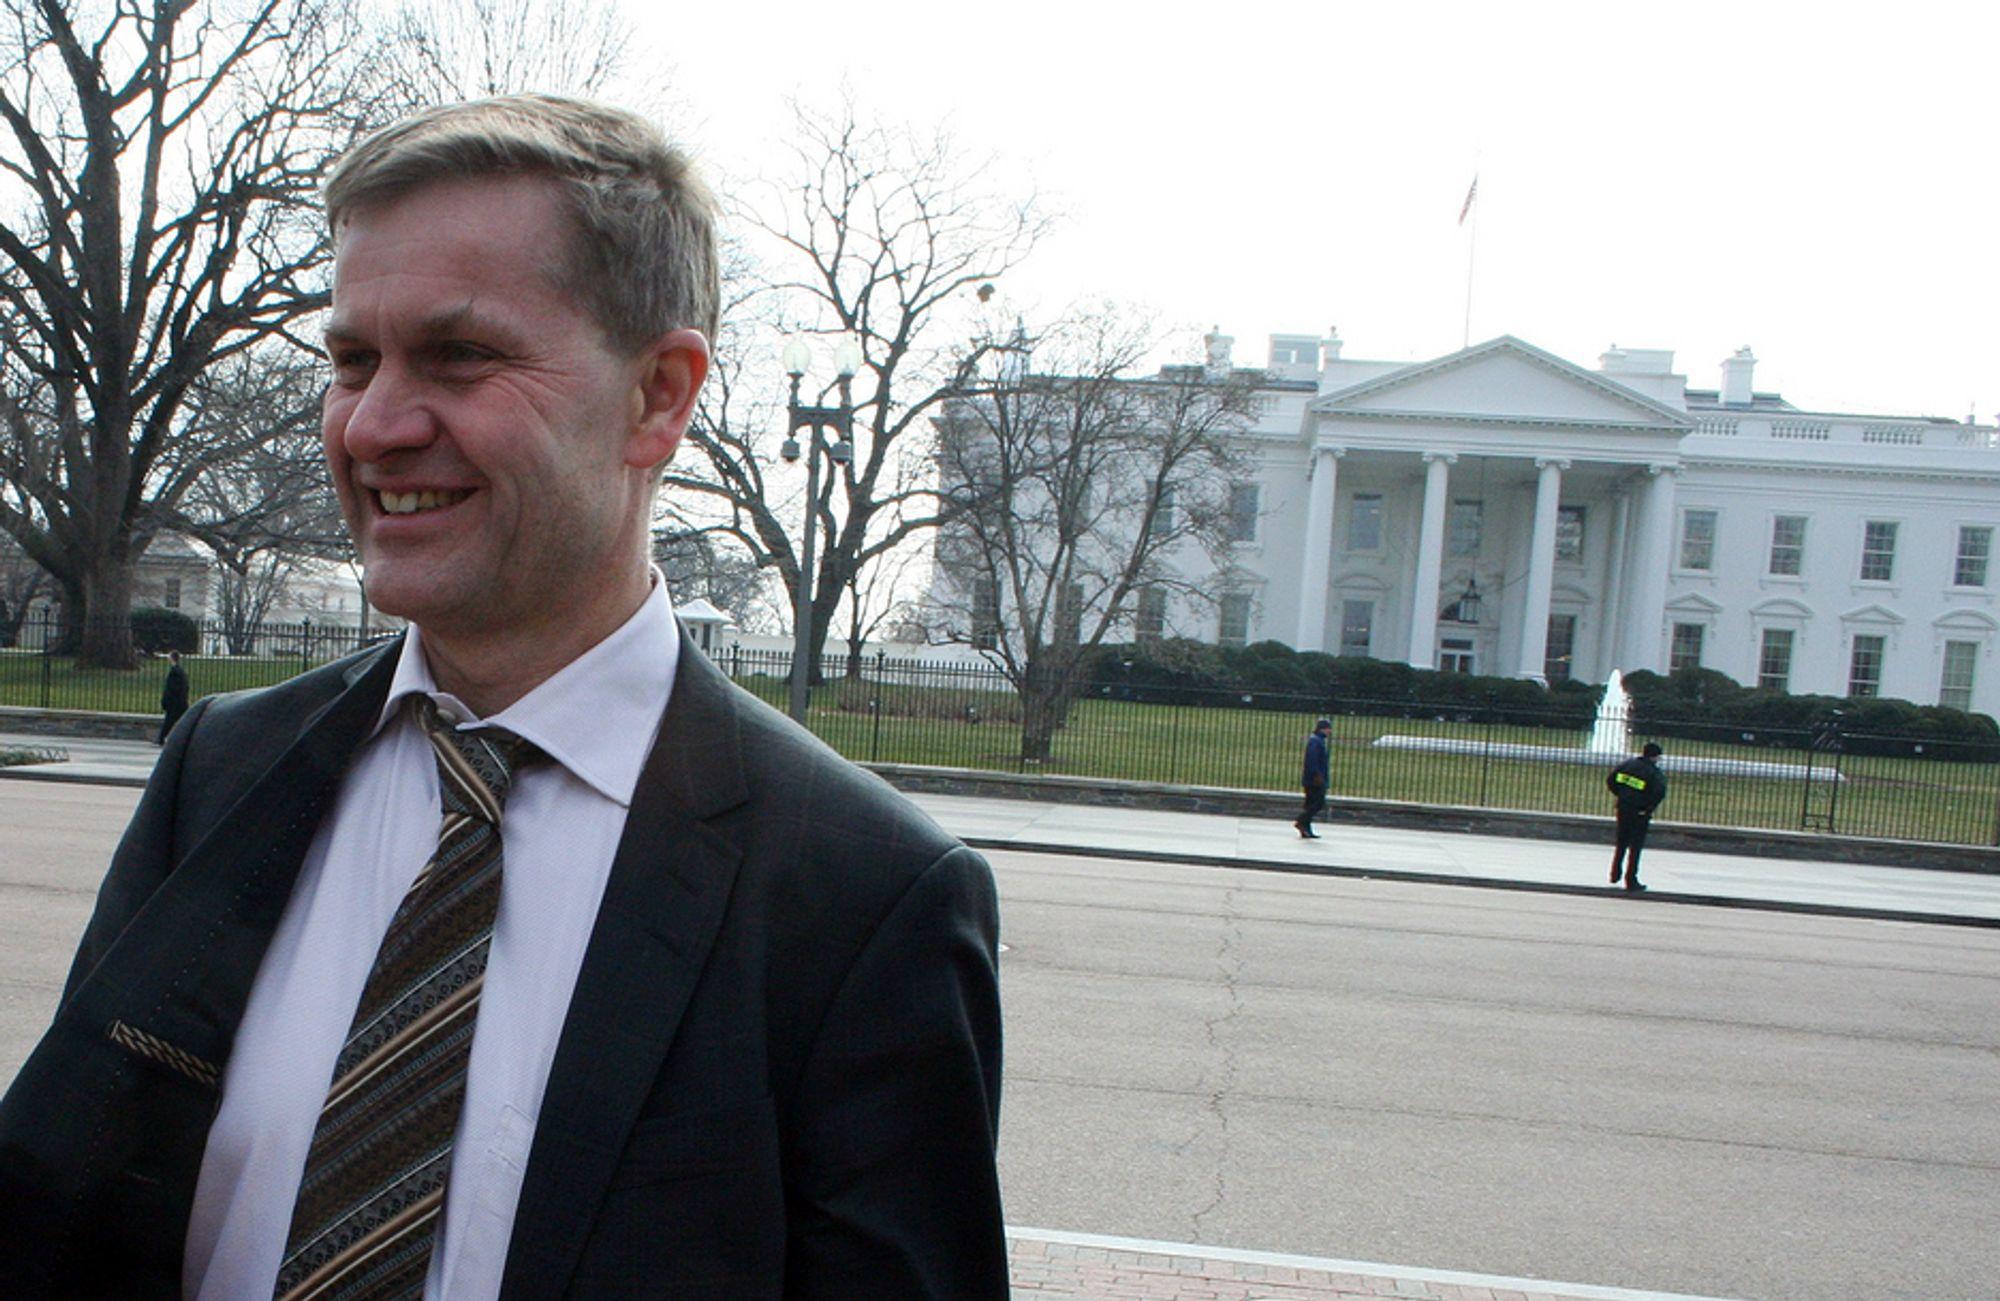 TRO PÅ USA: Miljø- og utviklingsminister Erik Solheim er i USA for å diskutere klima- og utviklingsspørsmål, og tror amerikanerne er i ferd med å ta det ansvaret resten av verden har ventet på.